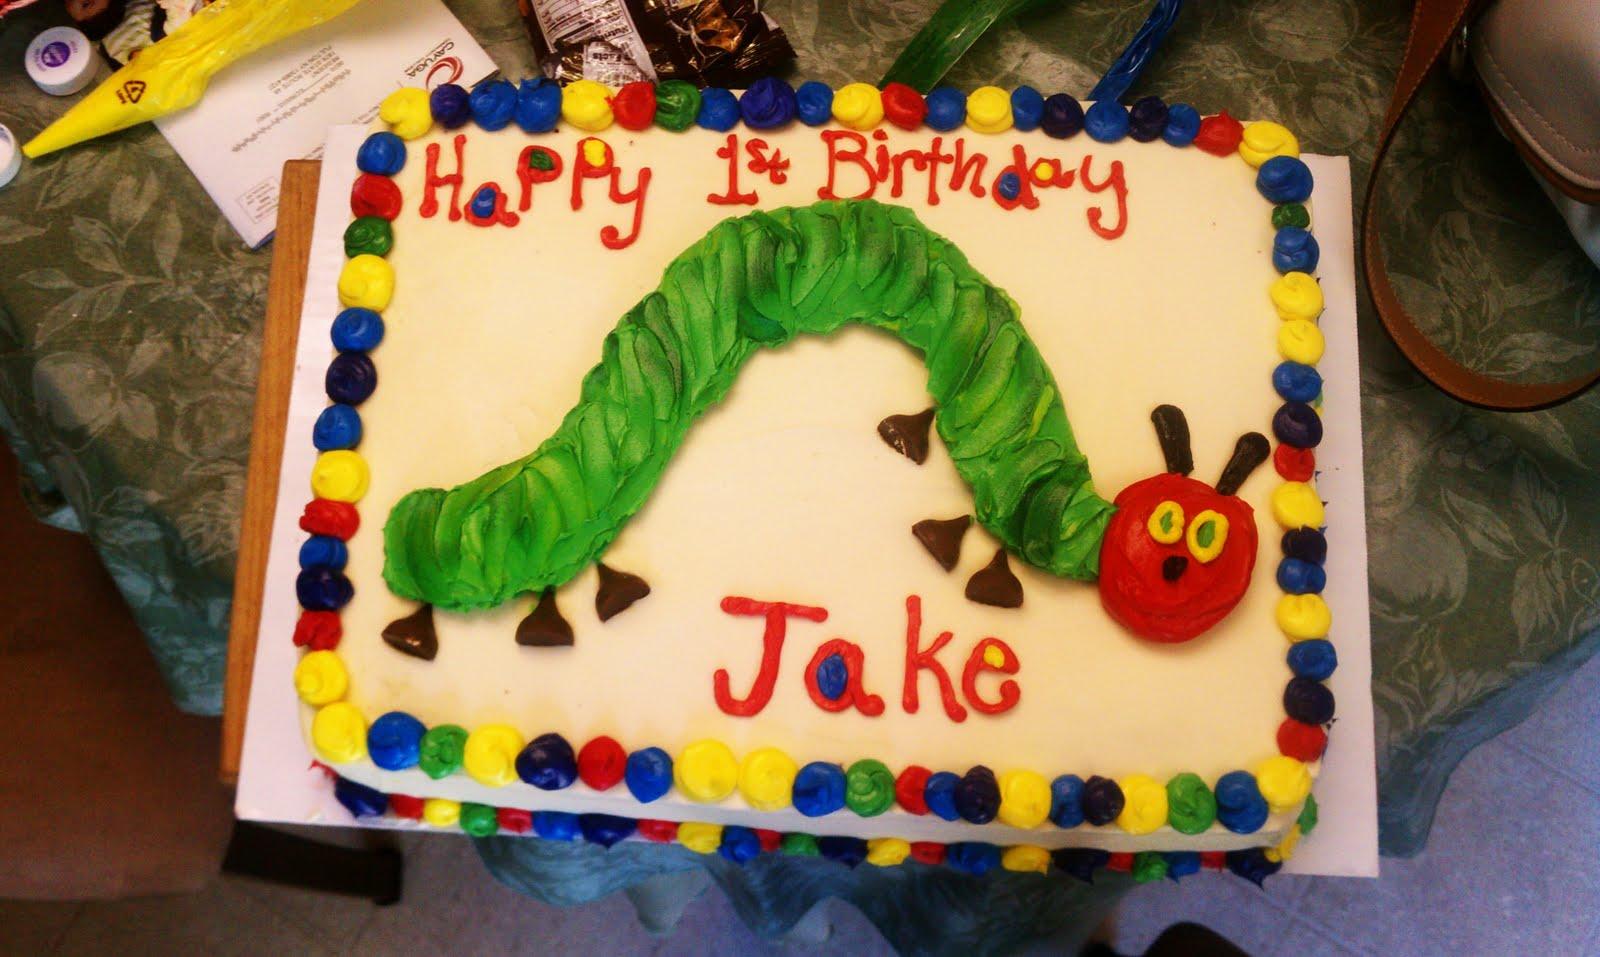 Freelance Frosting Baby jakes birthday cake